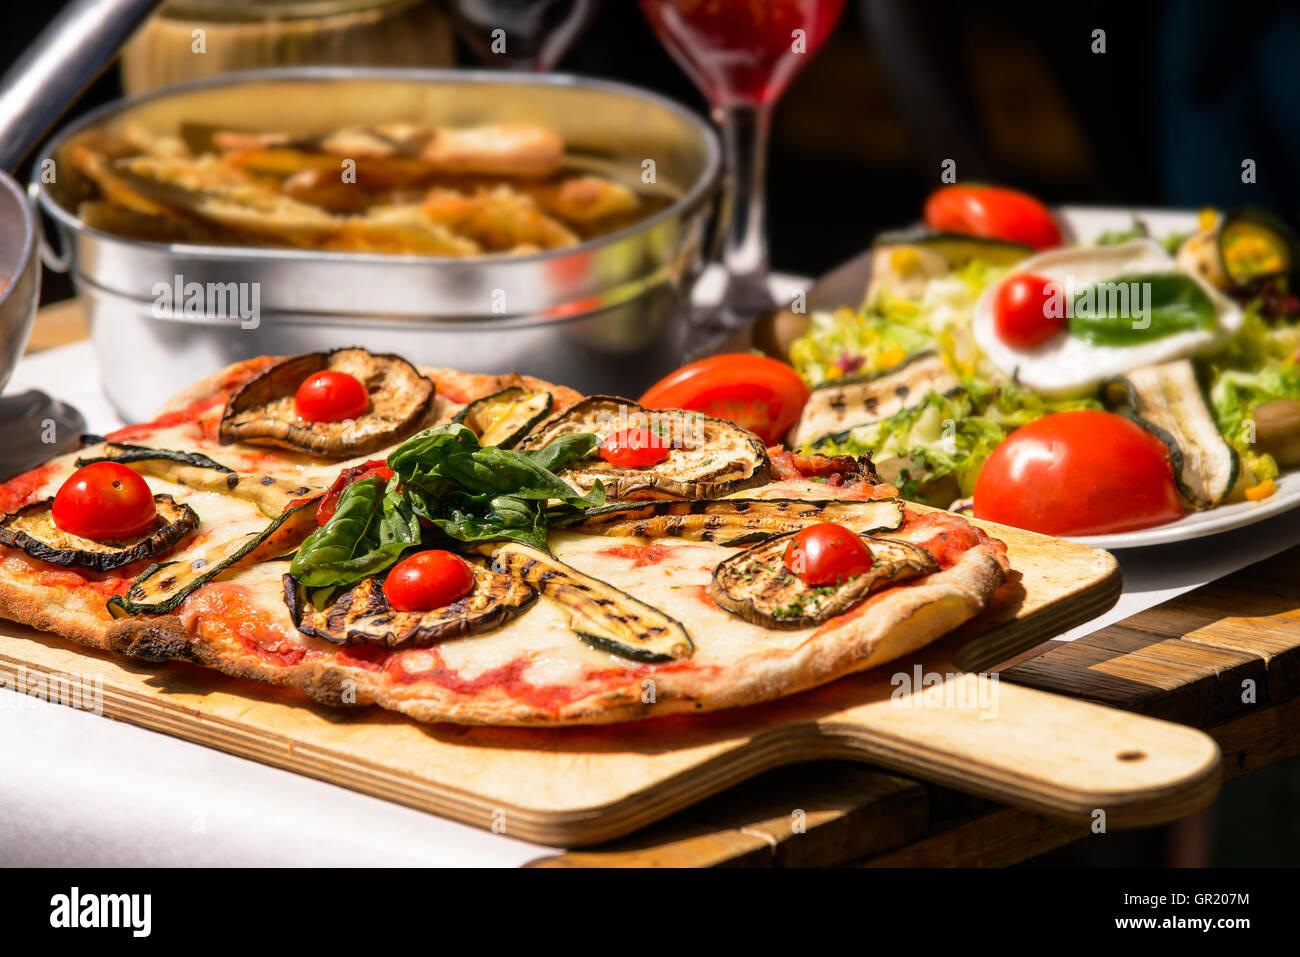 El restaurante de pasta en la ciudad de Roma, Italia, el sur de Europa. Pasta de huevo, comida casera.deliciosa Imagen De Stock